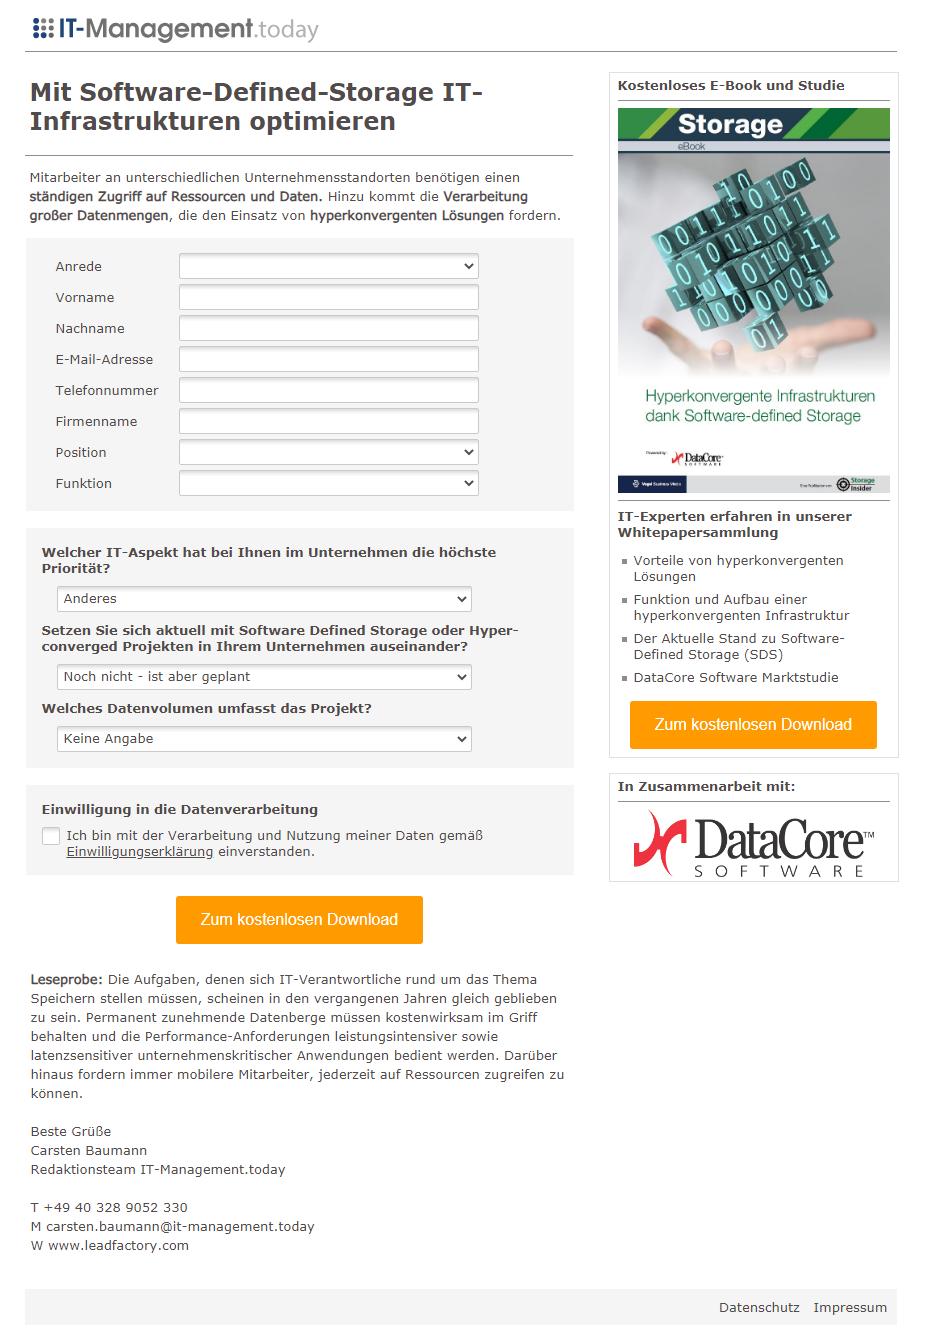 Referenzkampagne_DataCore